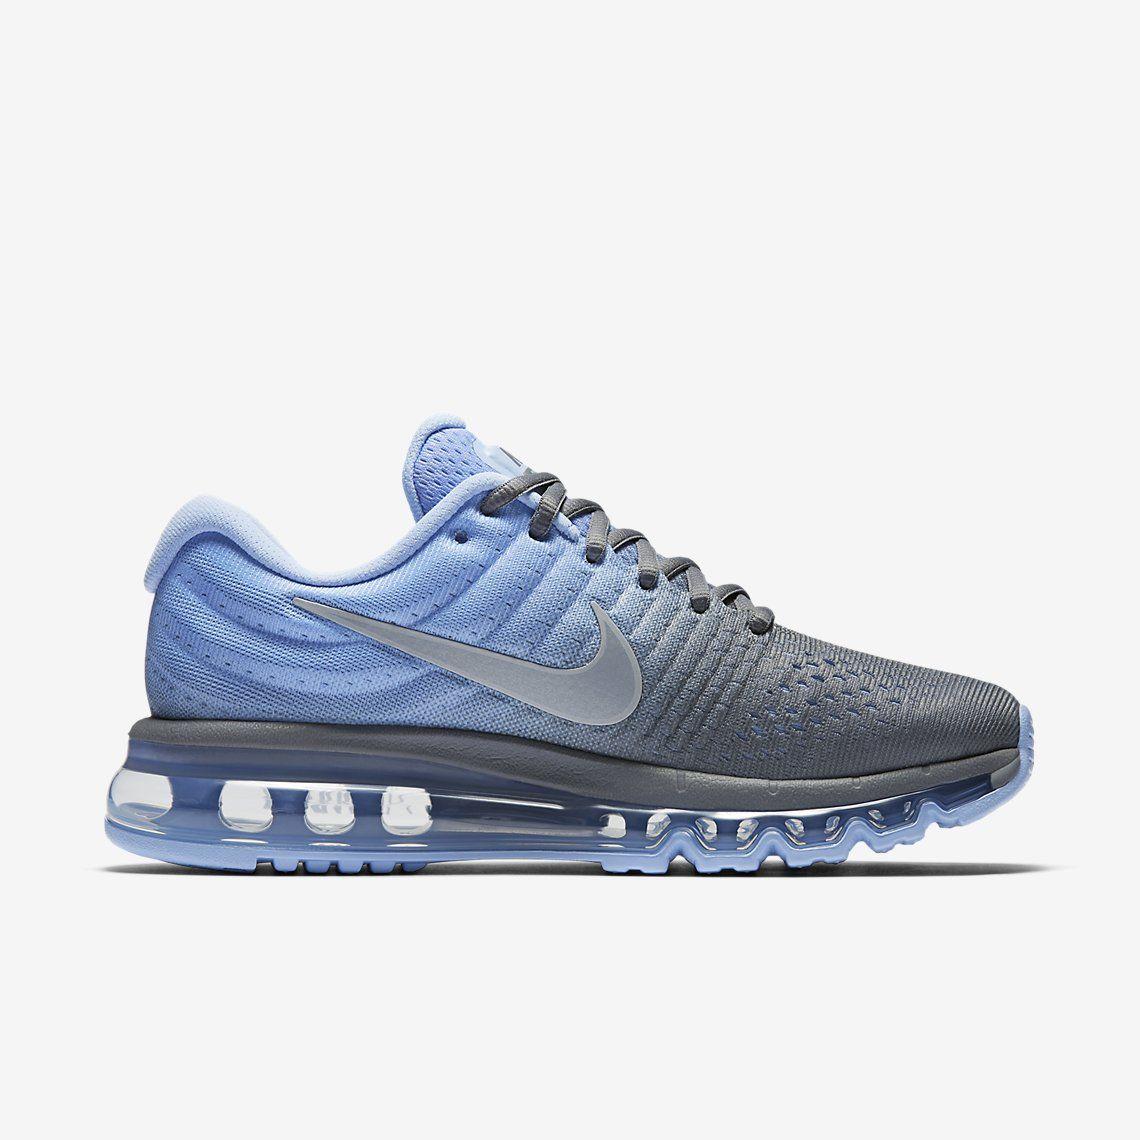 Schuhe, Kleidung & Zubehör von Nike einkaufen auf nike